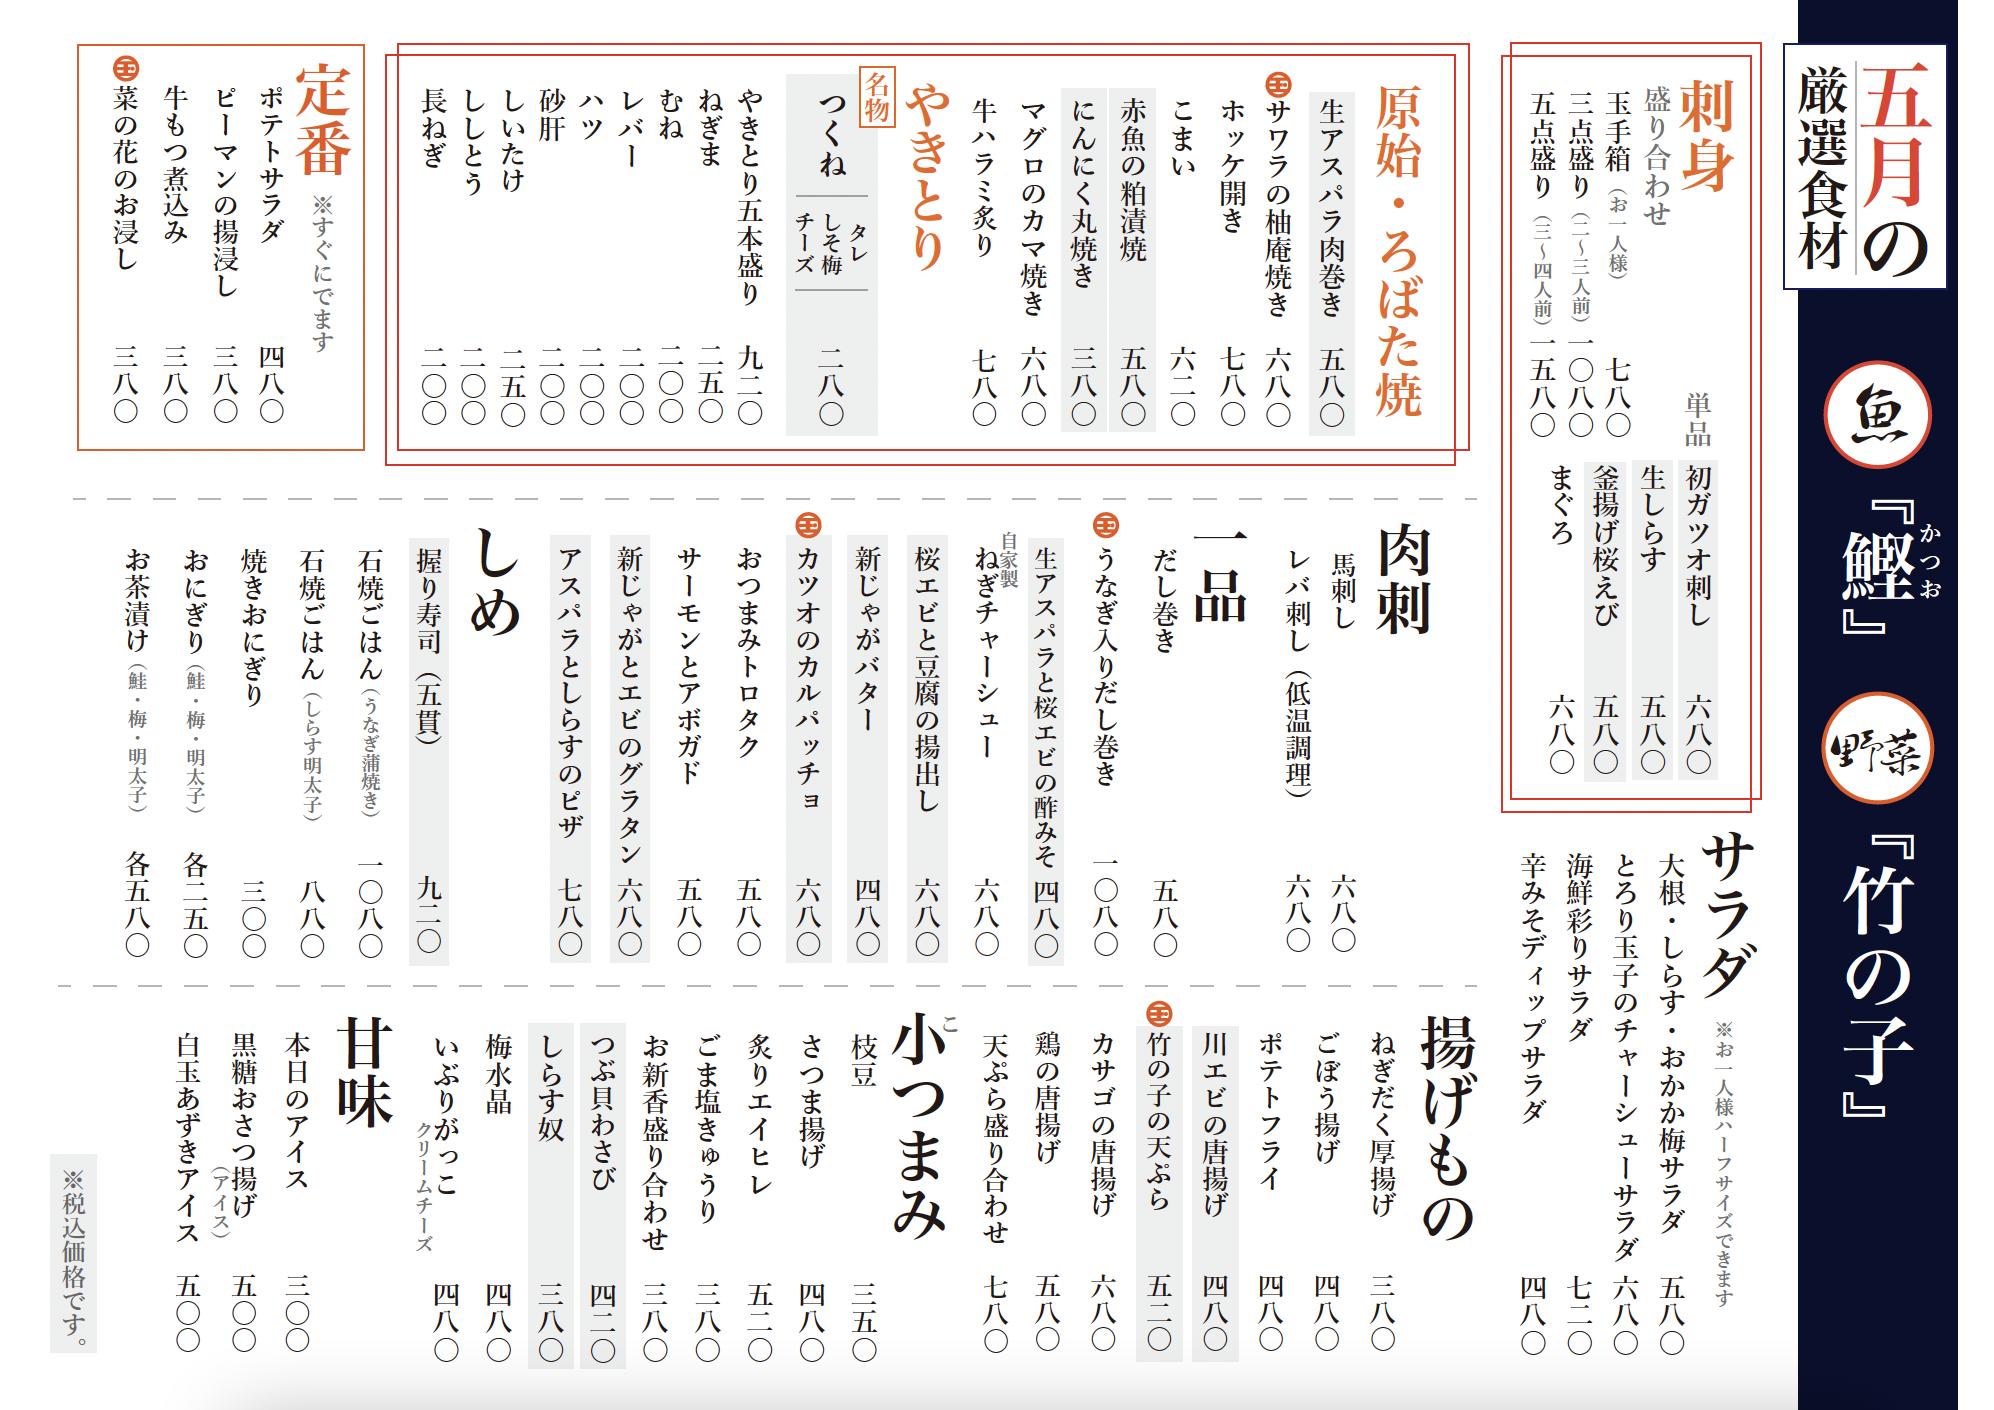 【旬菜炭焼 玉河】5月メニューのご紹介